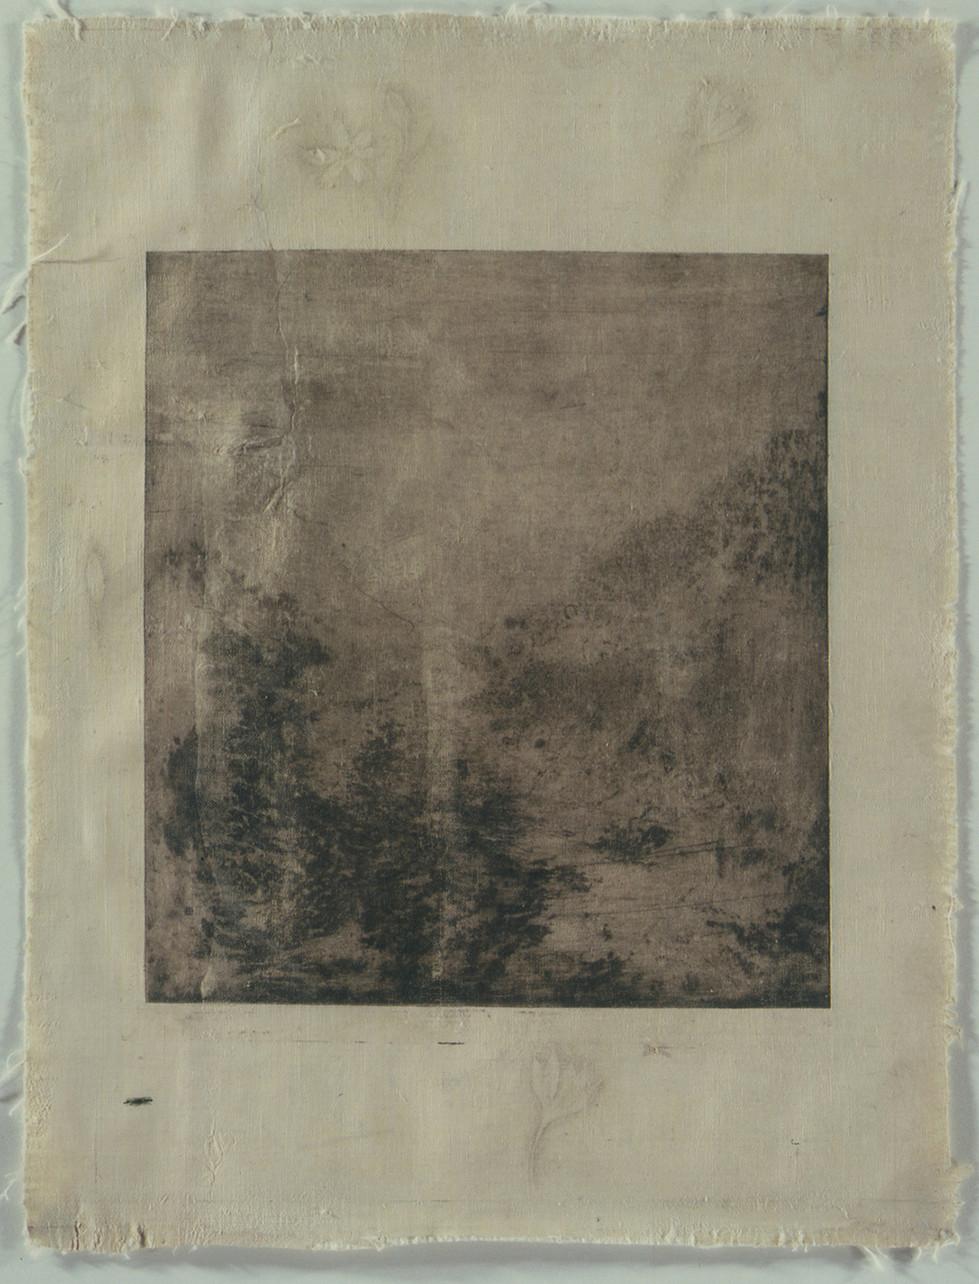 Senza titolo, 2001, calcografia e matita, cm 53 x 42